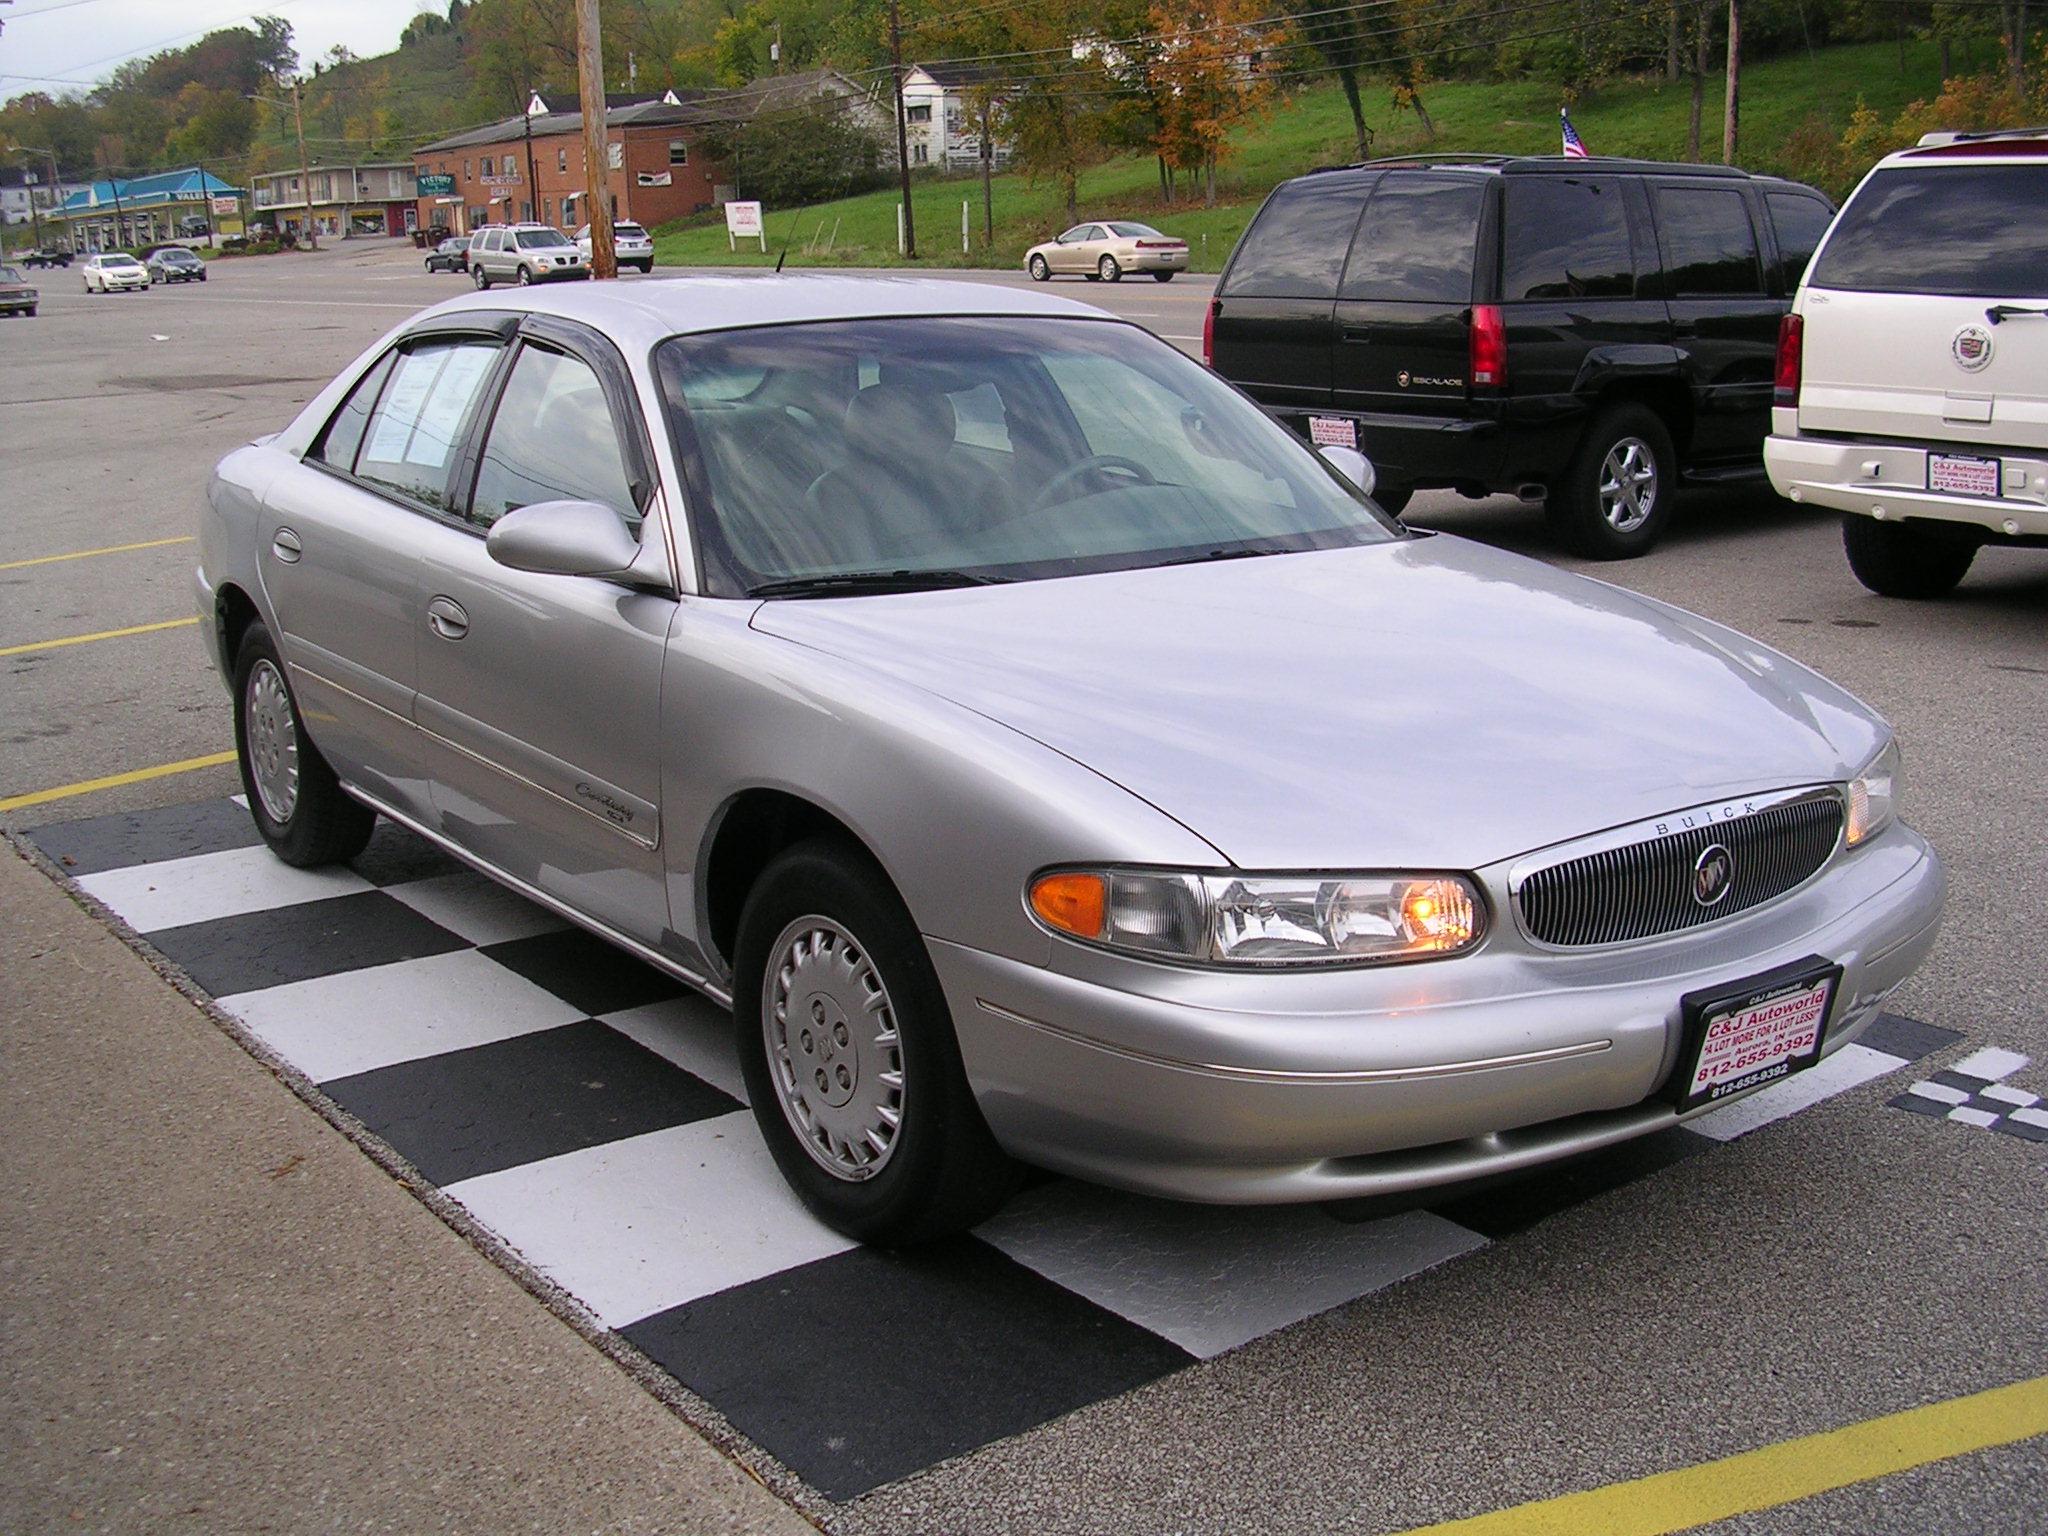 2001 Buick Century BHPH Fair Market Value